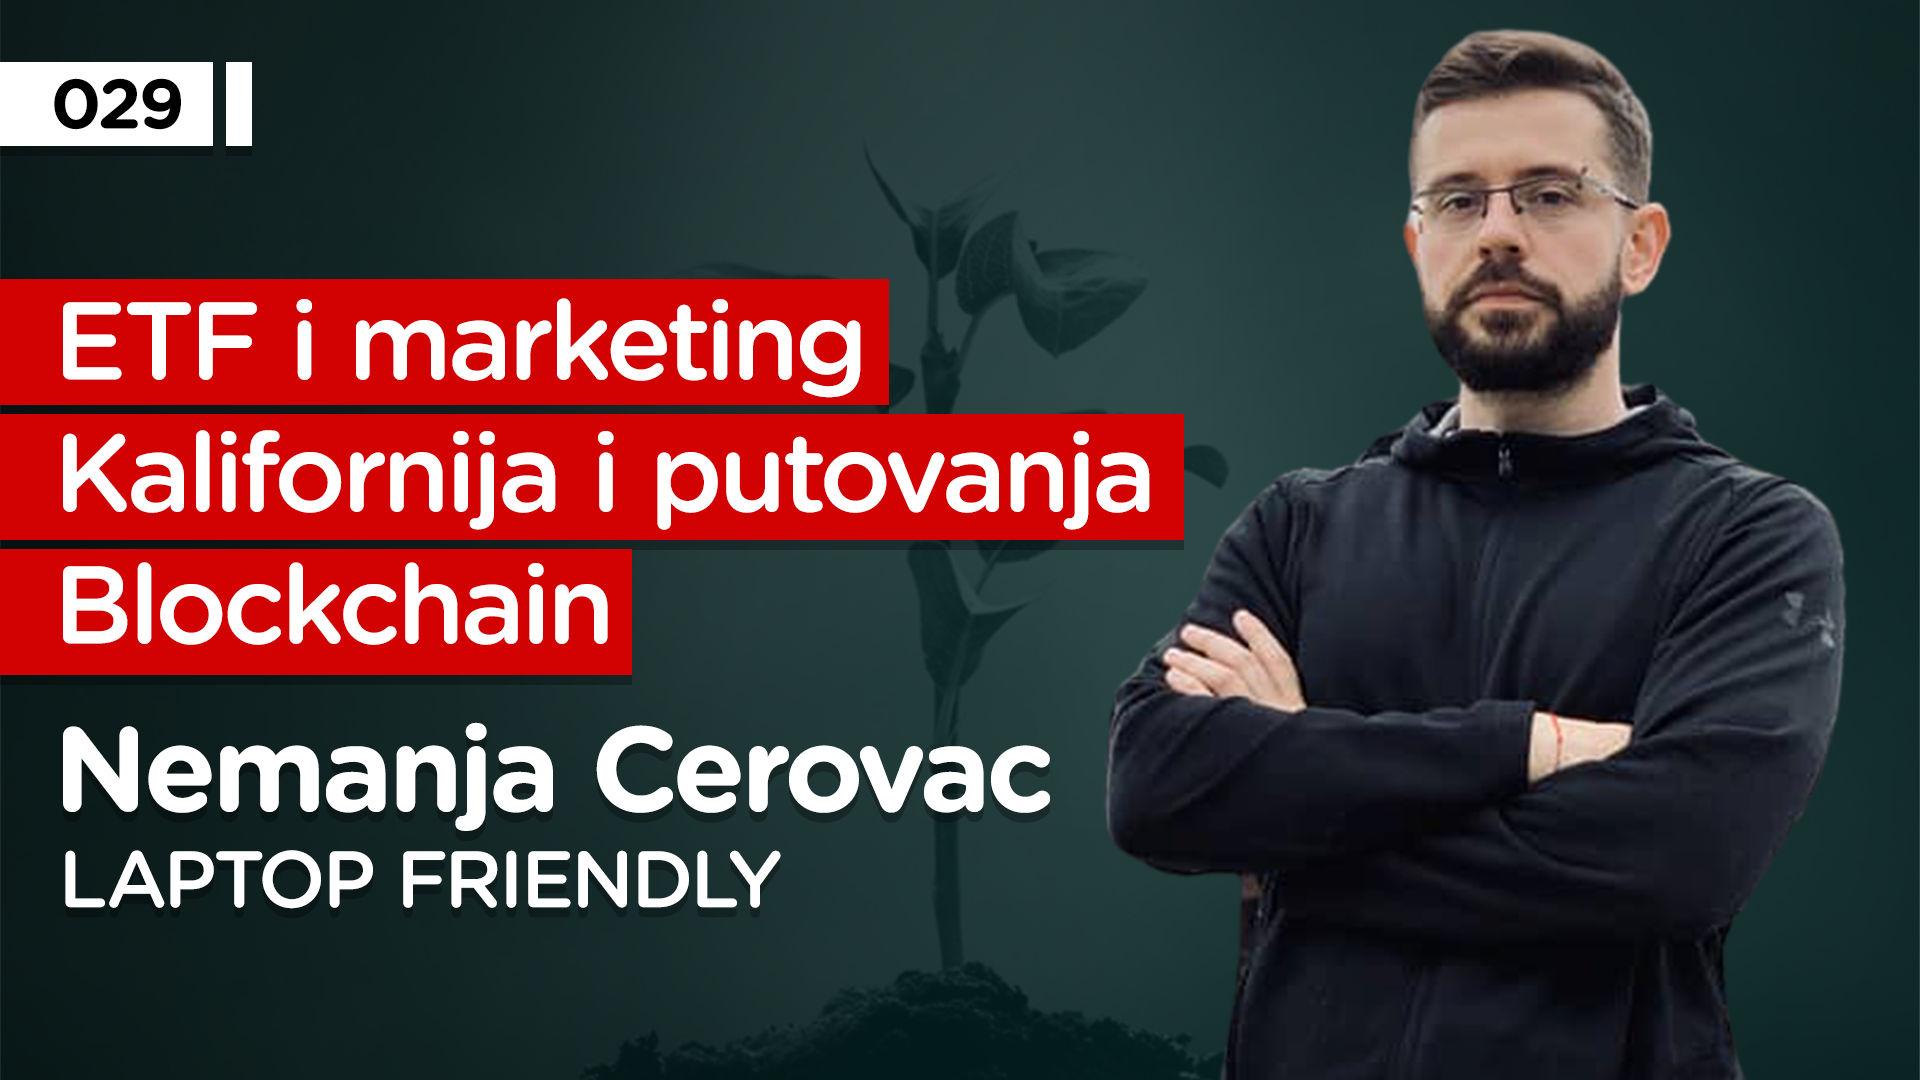 EP029: Nemanja Cerovac